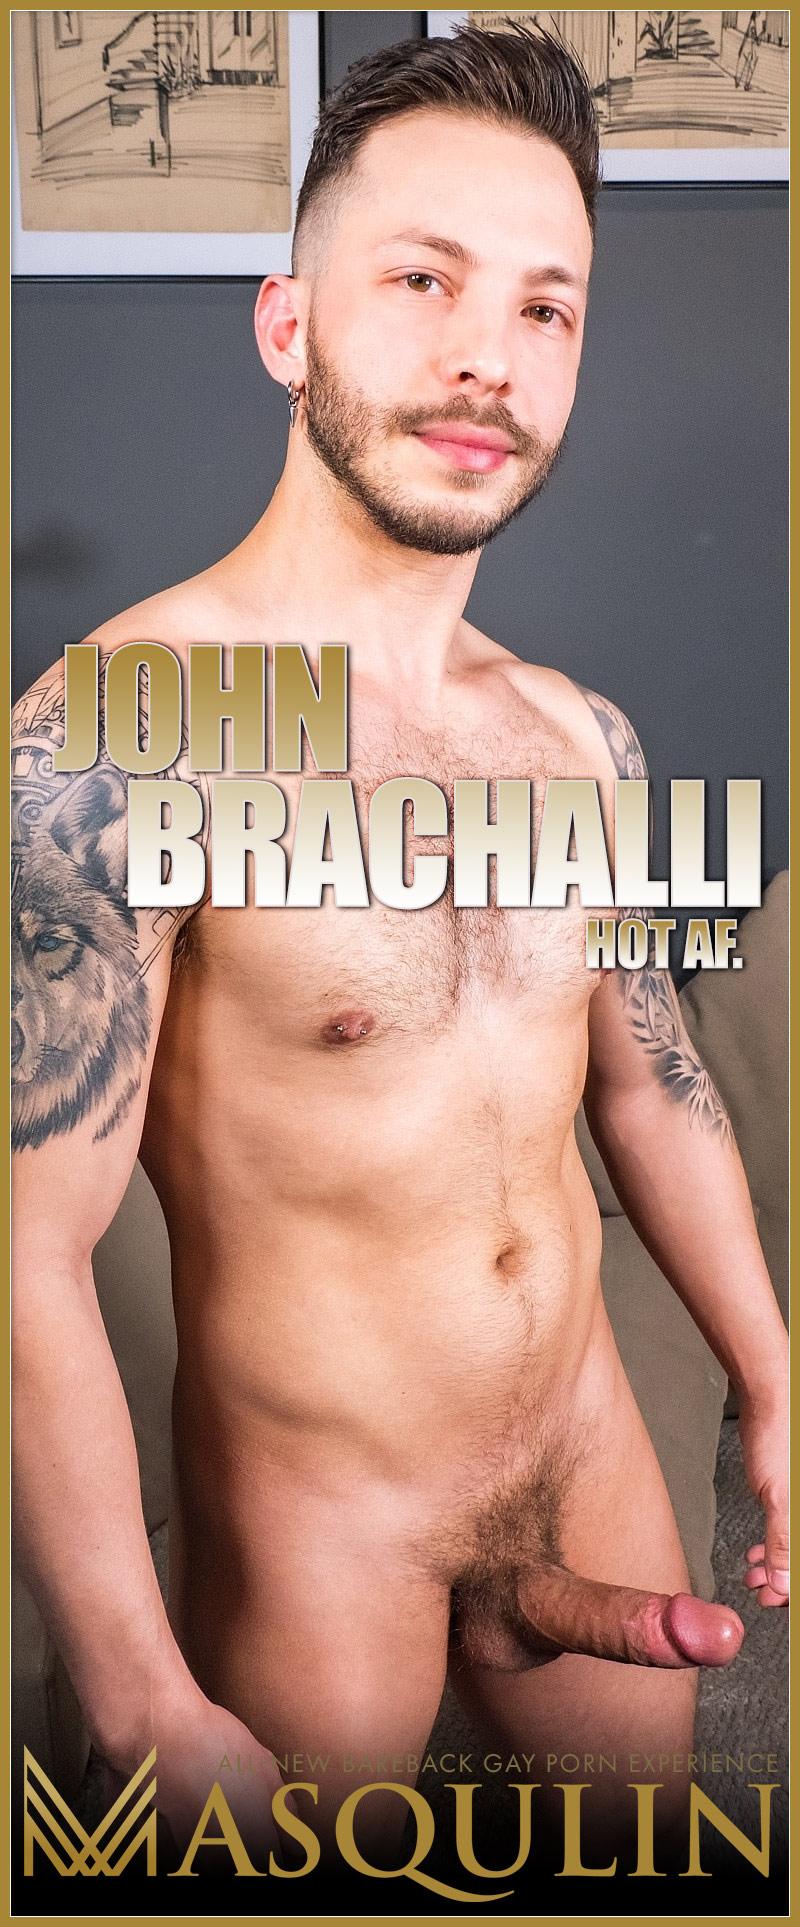 Hot AF - John Brachalli Cover